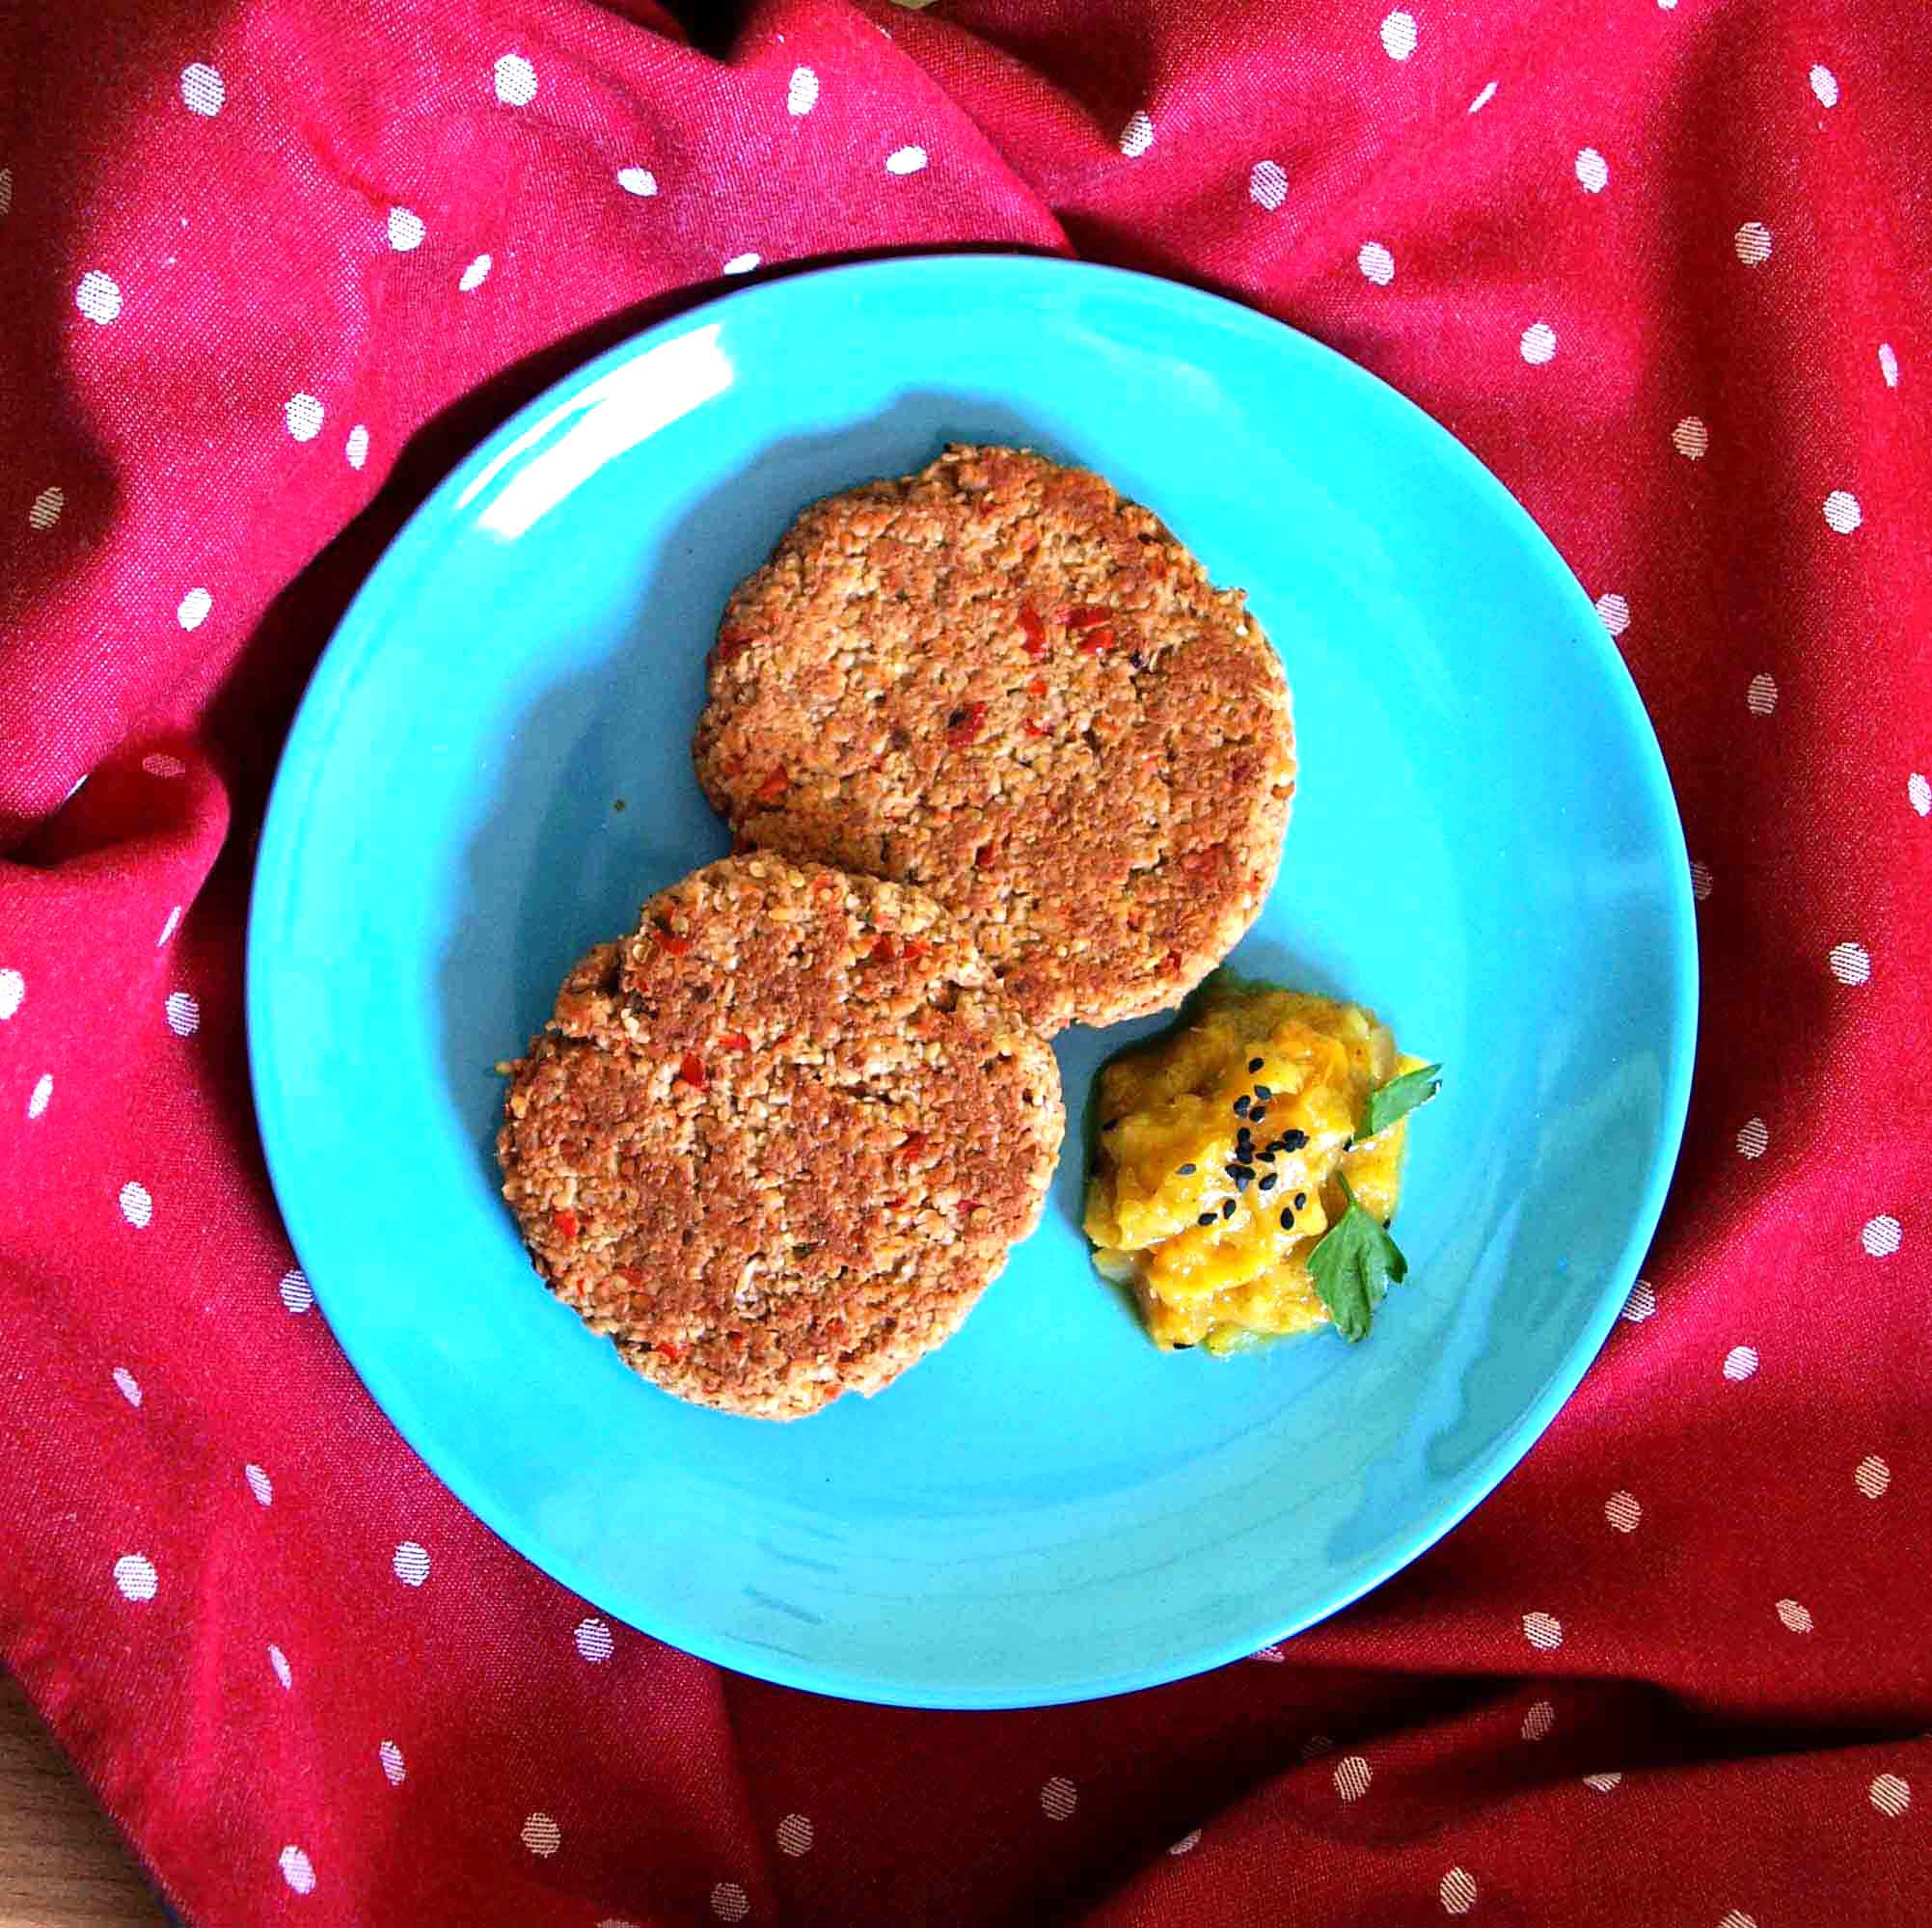 Receta vegana de hamburguesas de avena con champiñones pimiento nueces y sésamo